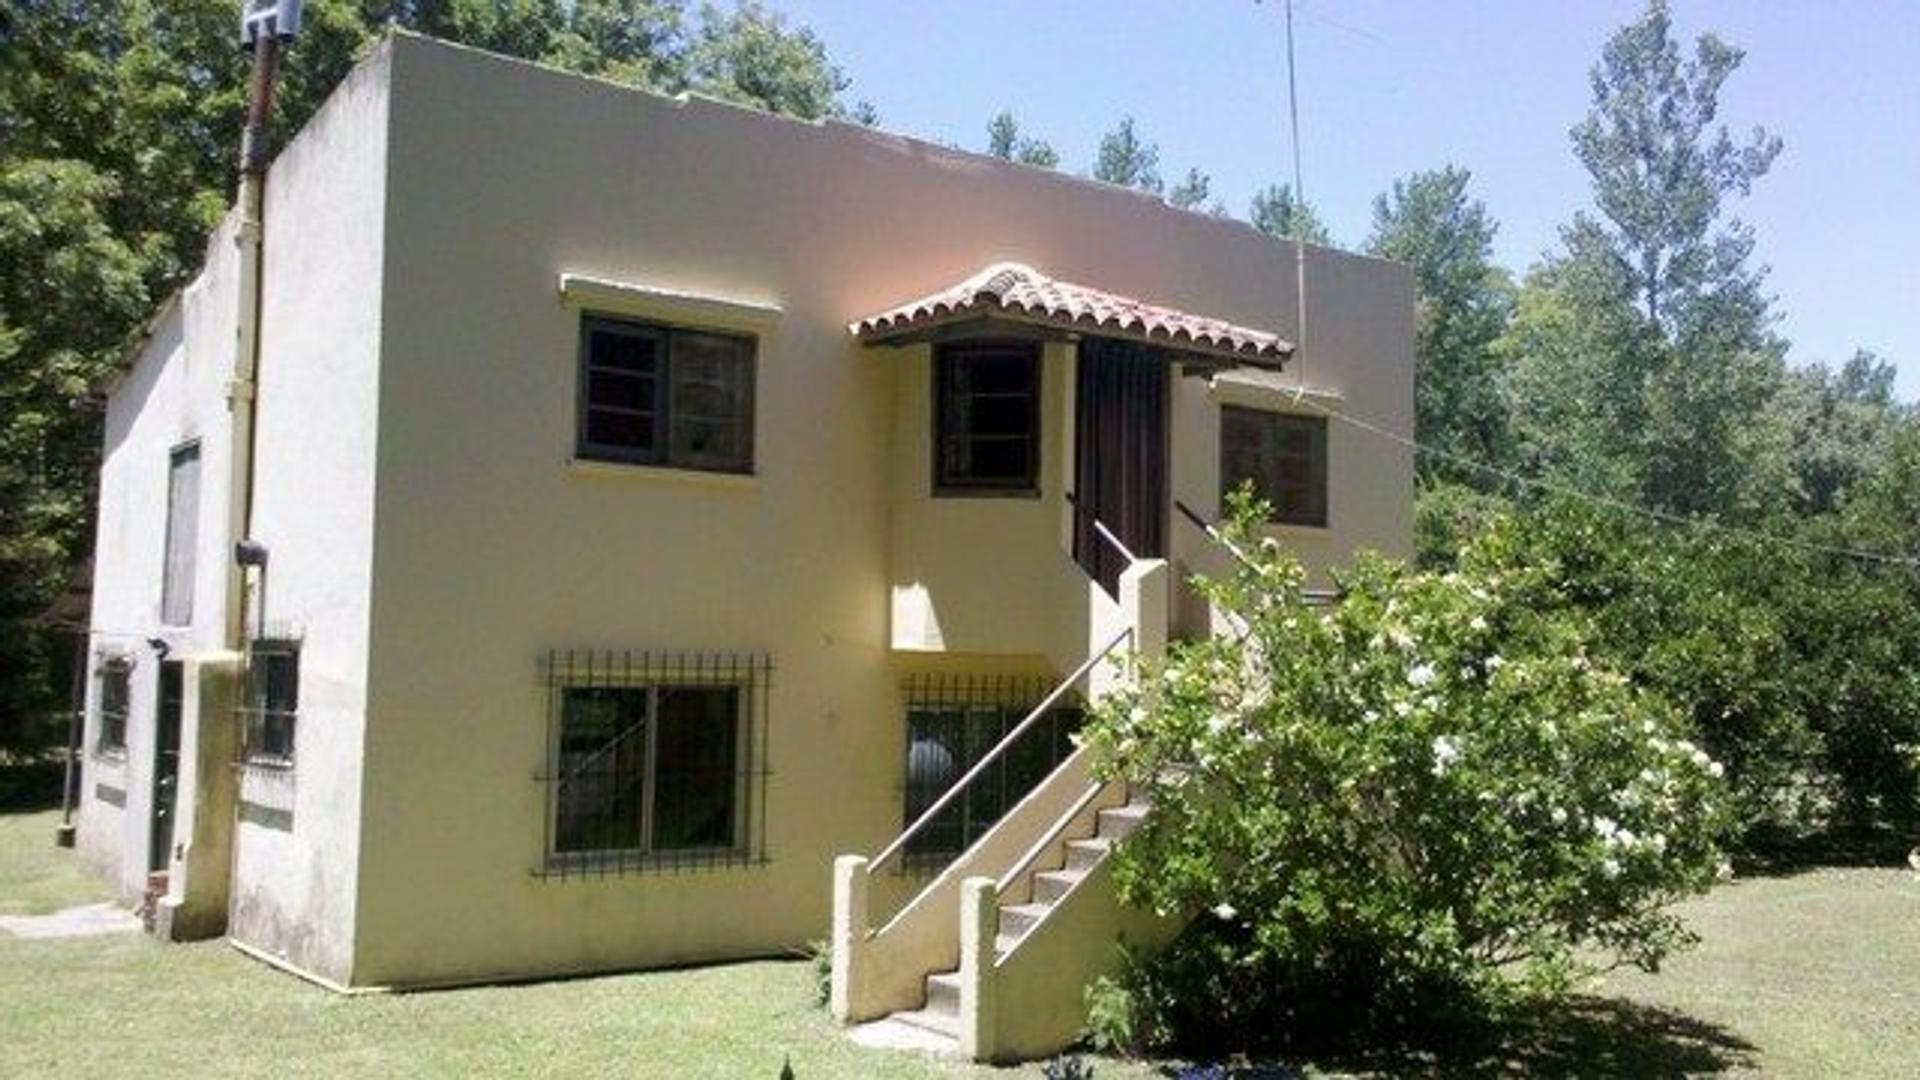 XINTEL(MBG-MBG-91) Casa - Venta - Argentina, Tigre